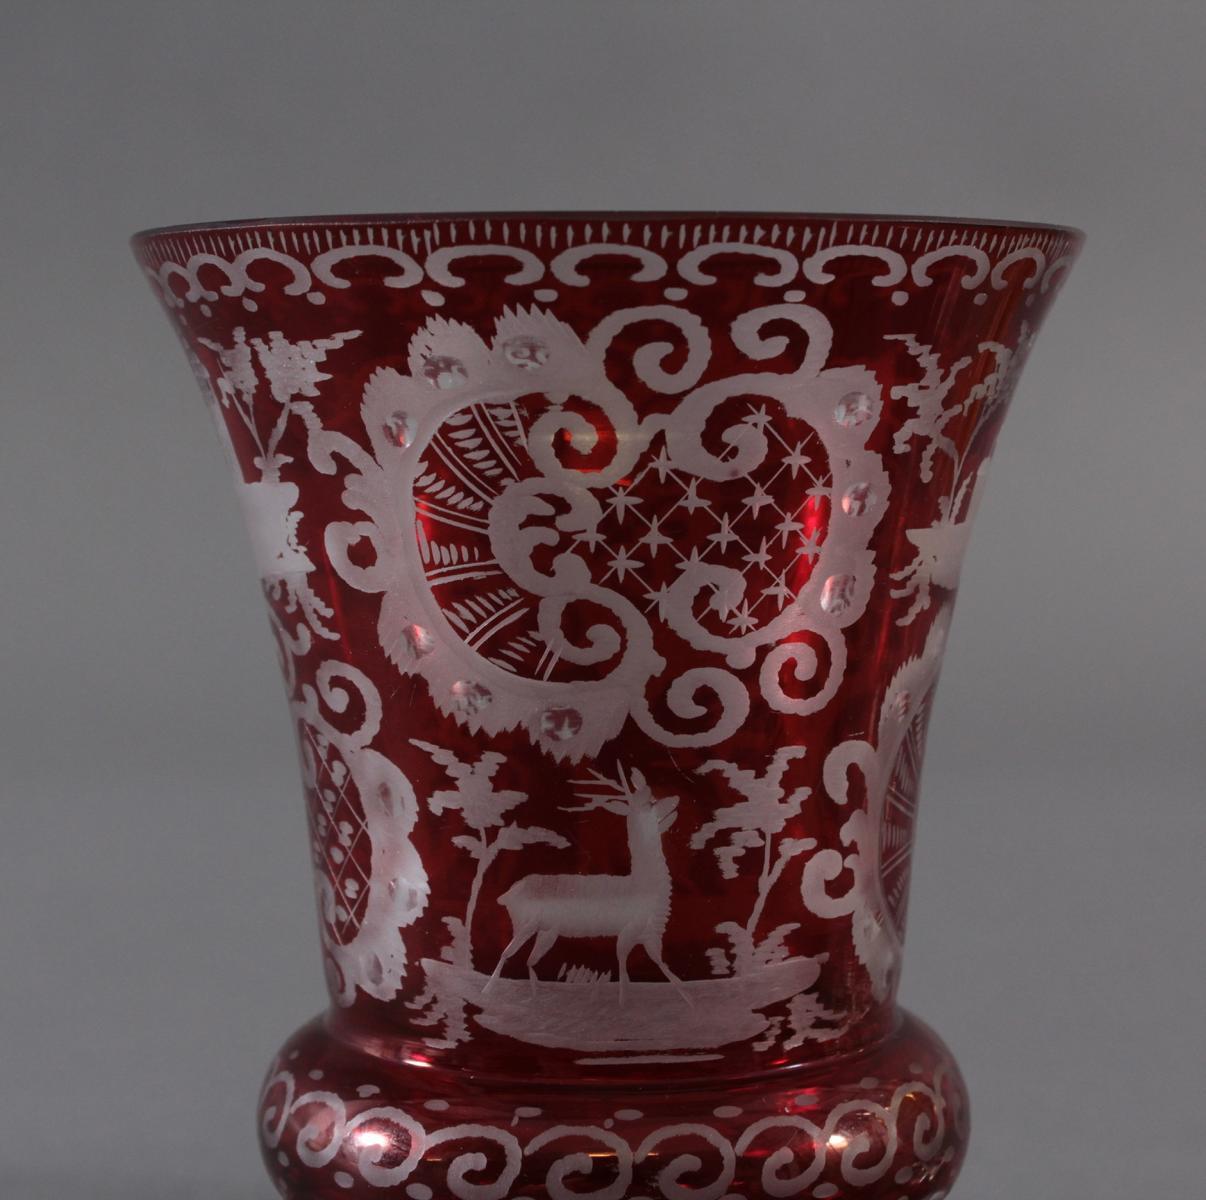 2 Pokalgläser und 1 Andenkenglas um 1900-4